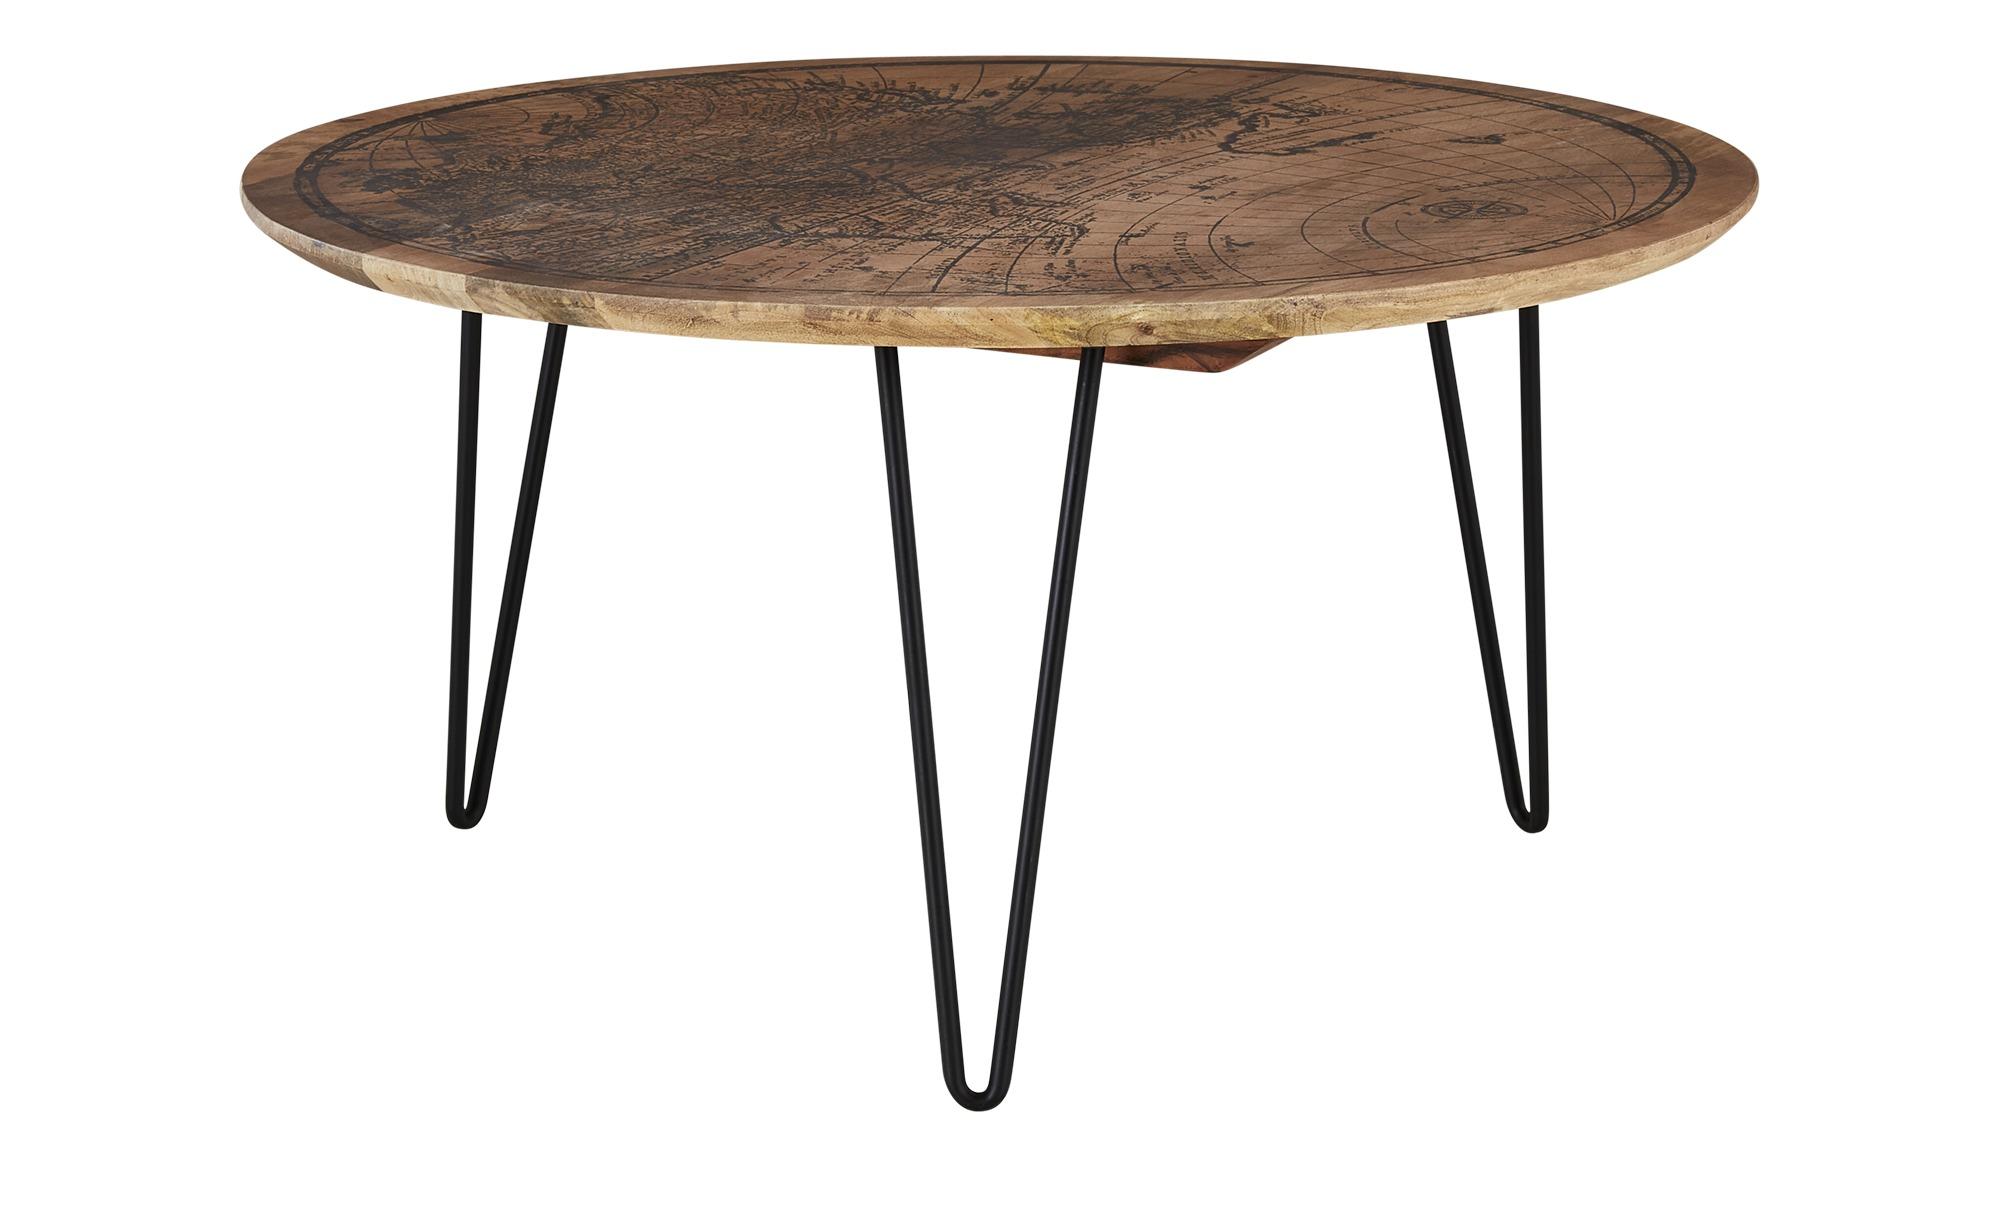 Couchtisch  Piazza ¦ holzfarben ¦ Maße (cm): H: 44 Ø: 90 Tische > Couchtische > Couchtische rund - Höffner